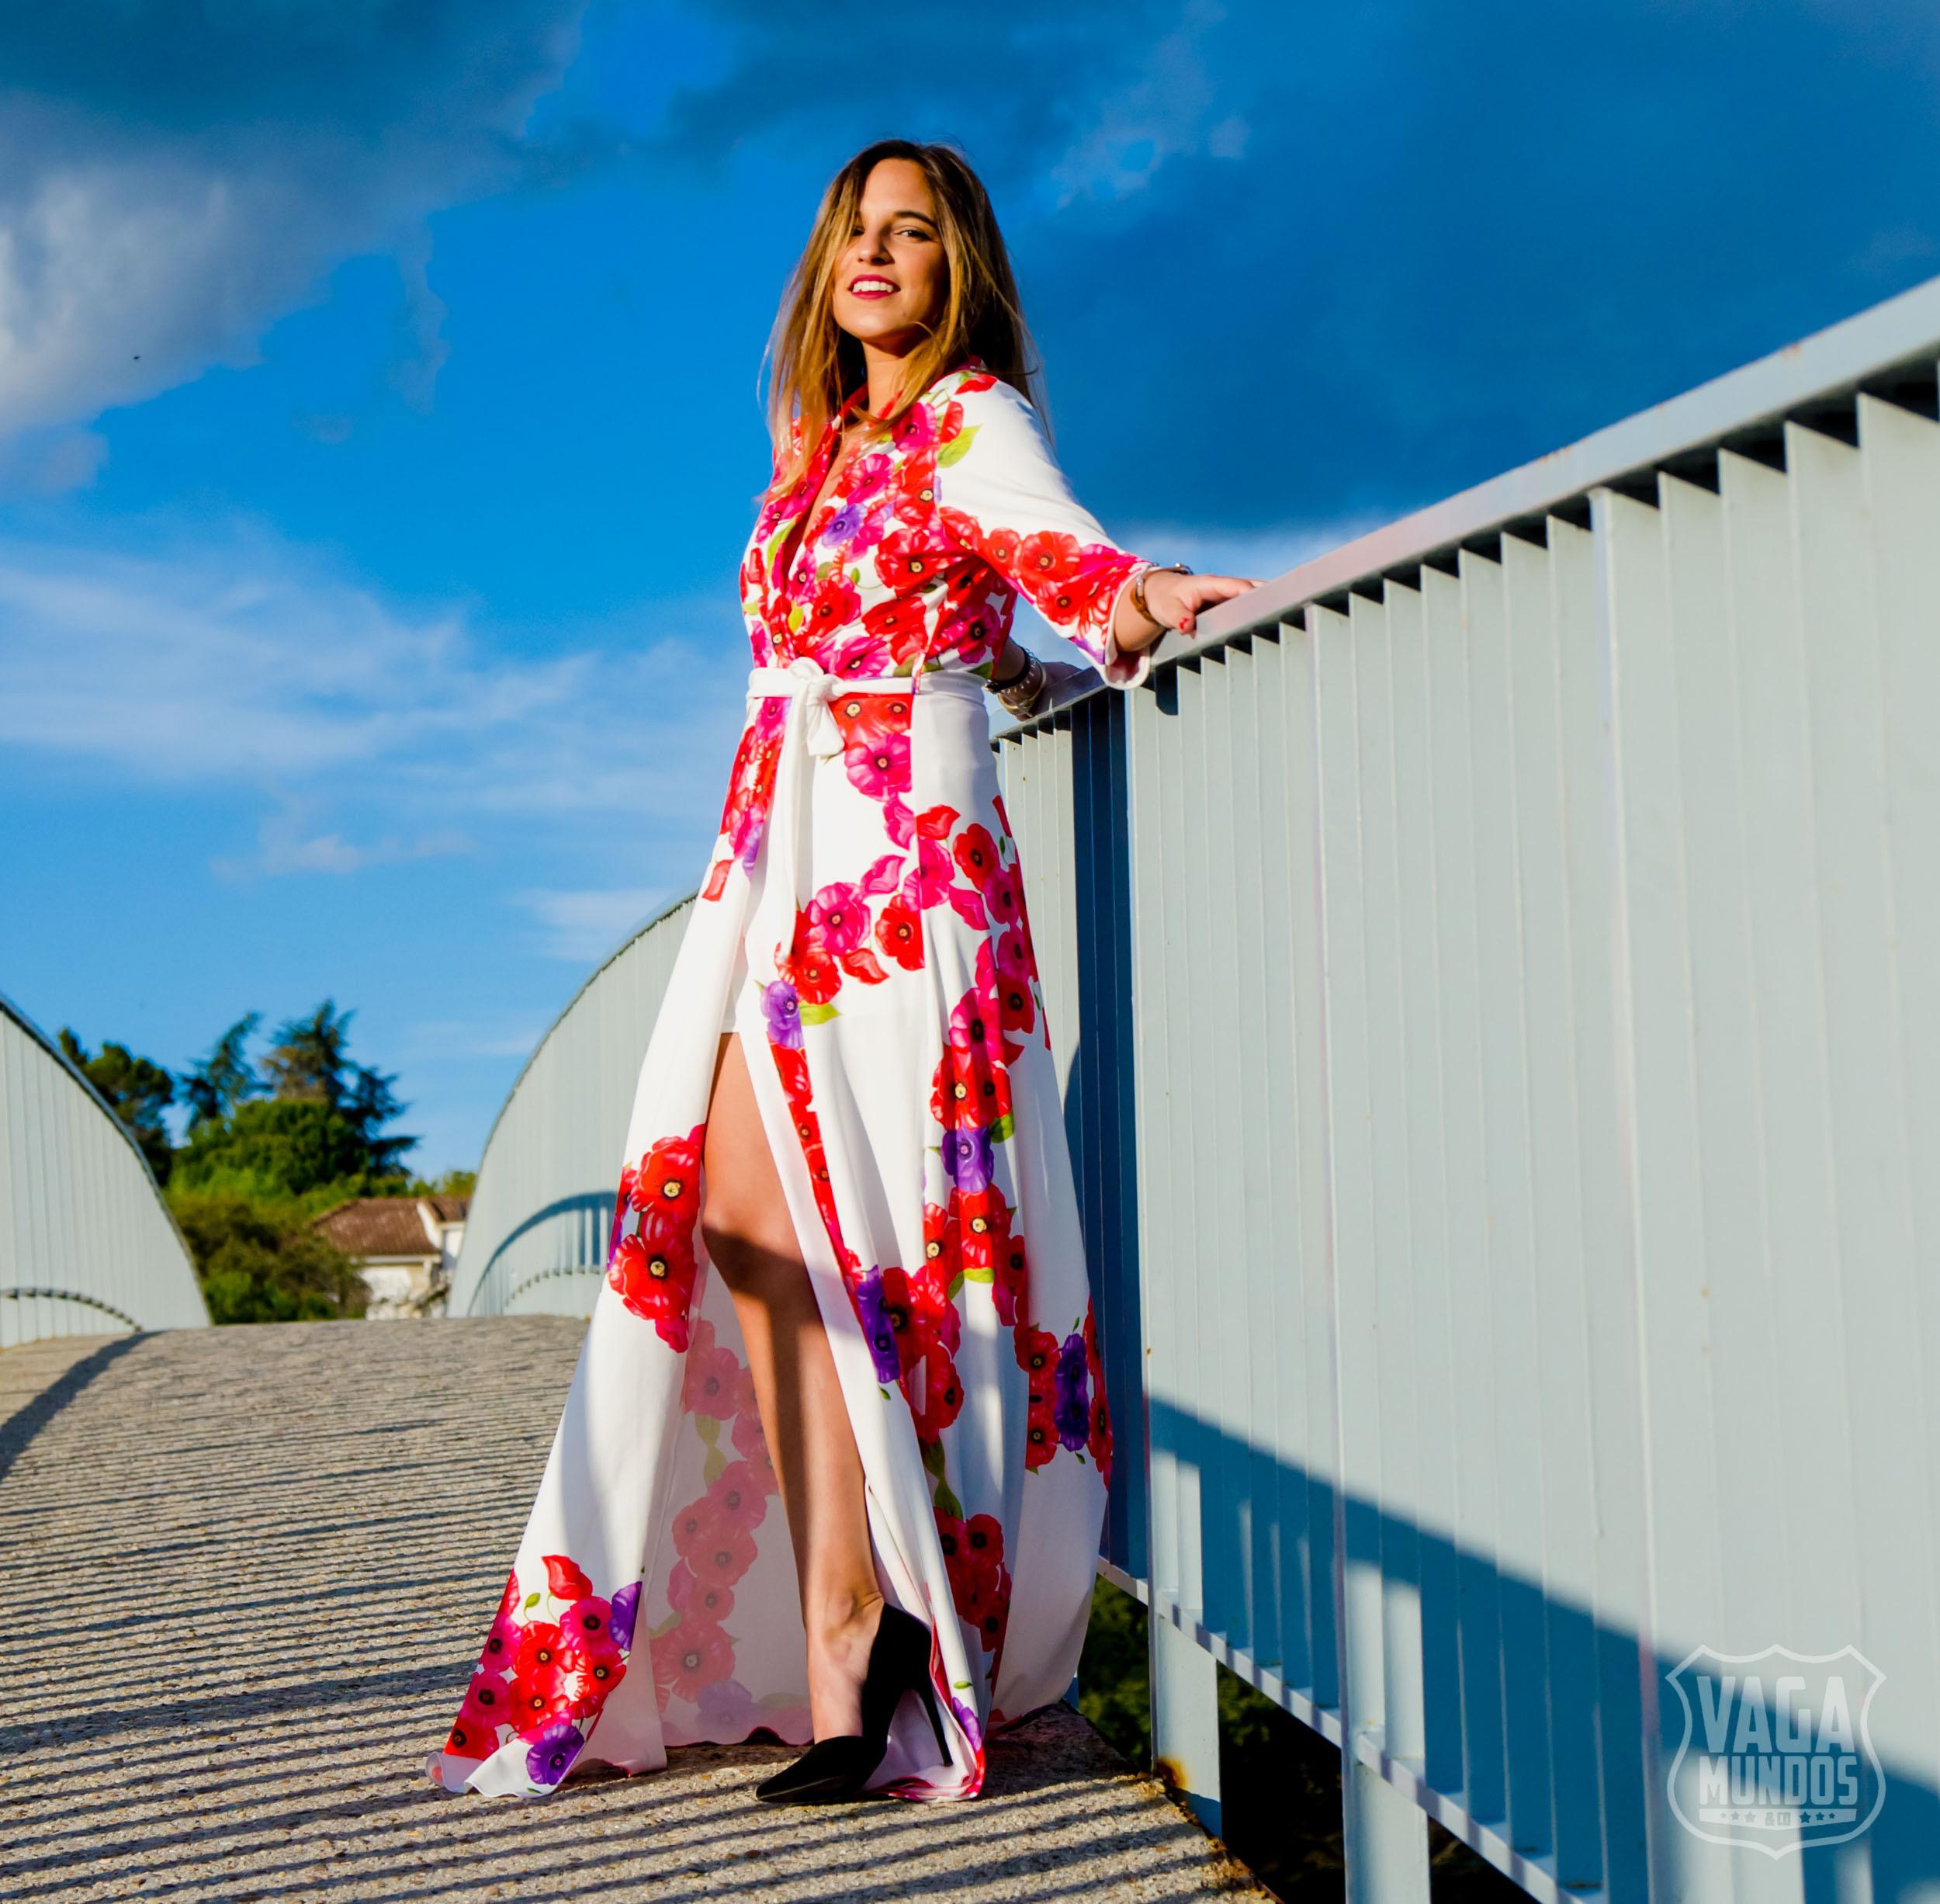 ba15ef141692 Temporada de bodas: vestido largo de flores inspiración Paula ...